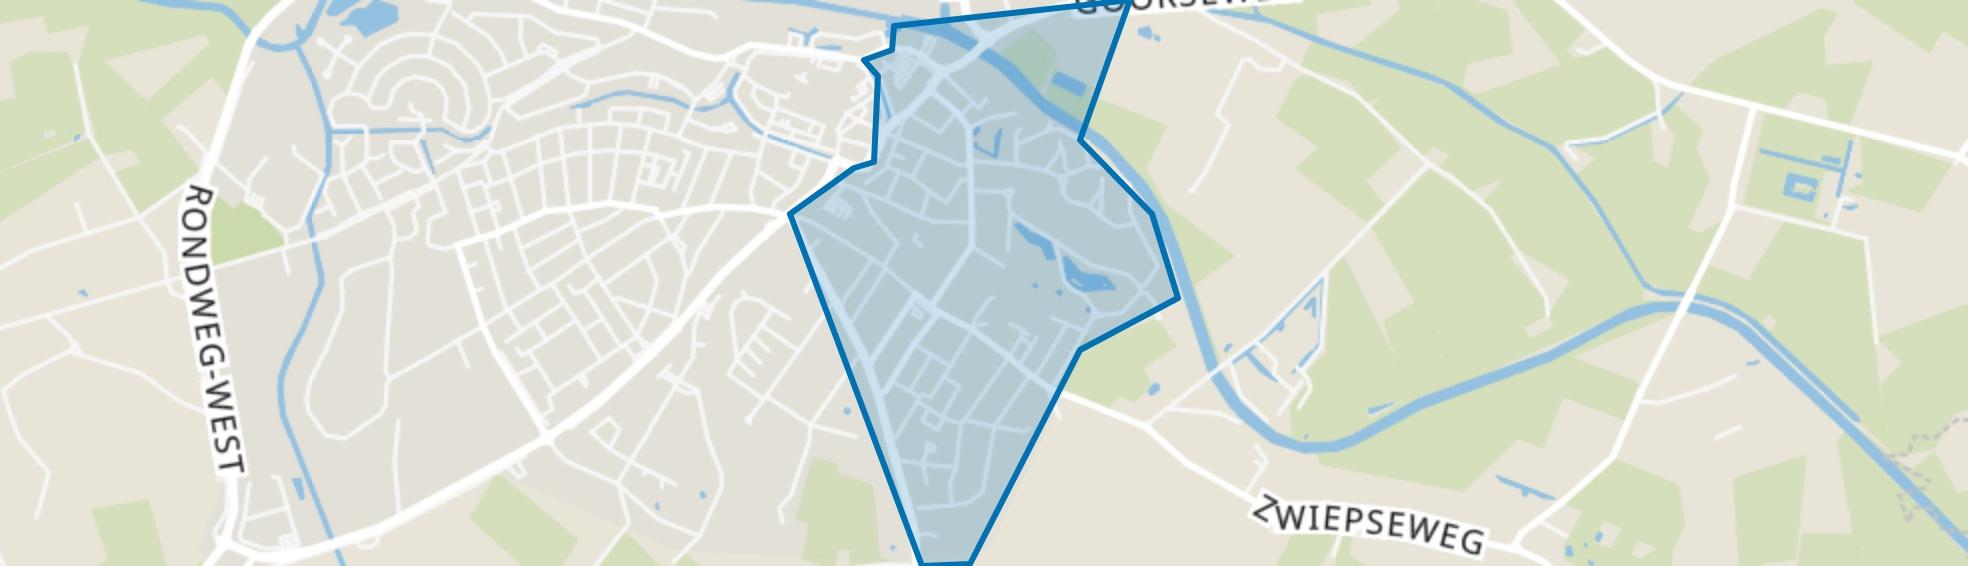 Lochem-Oost, Lochem map